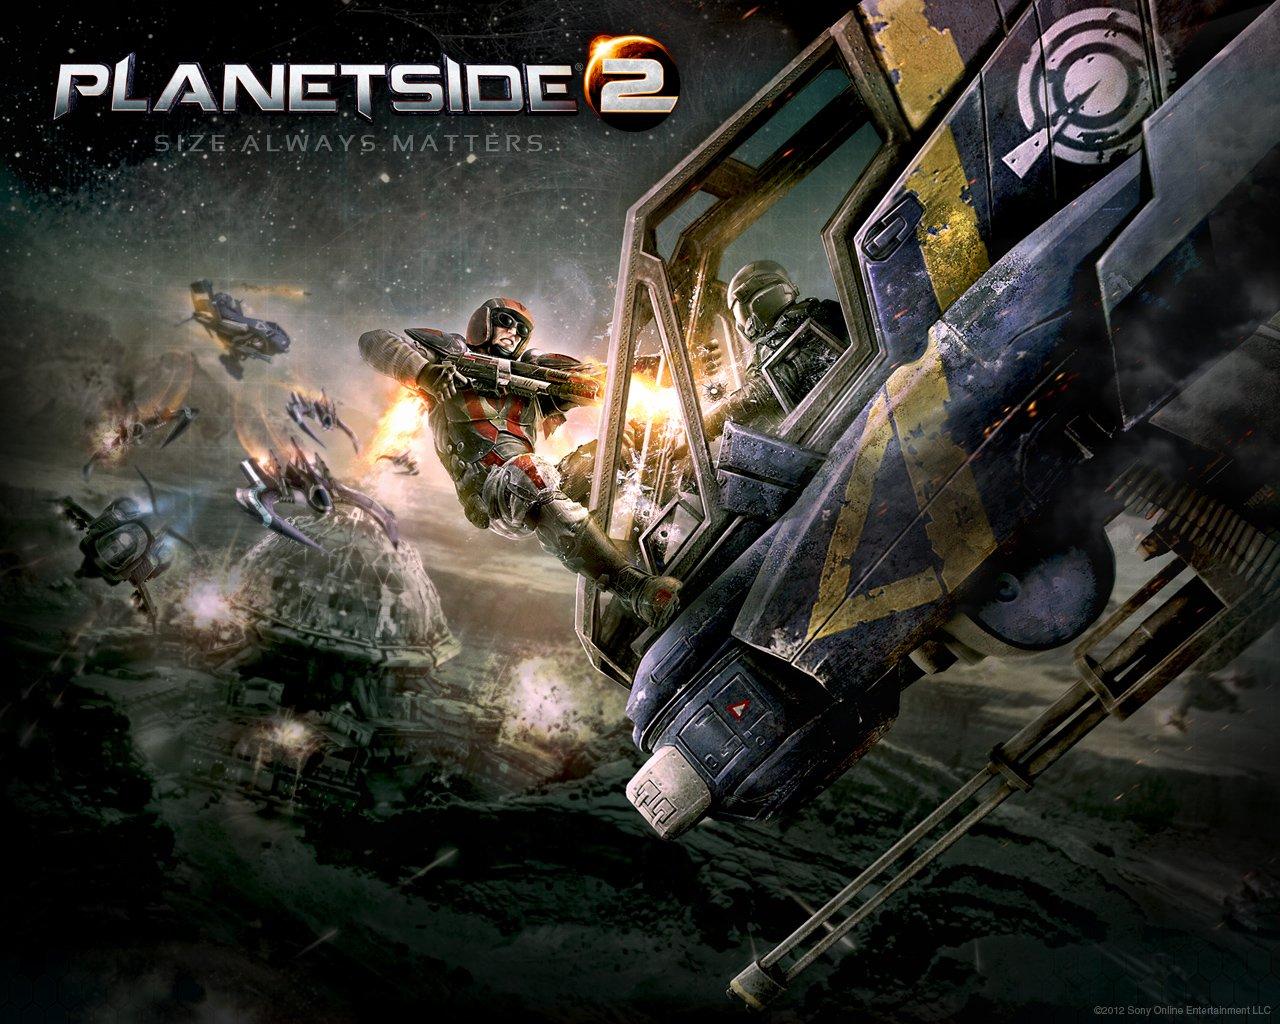 После небольшого перерыва наши эвенты возвращаются! KNB Events 6 по PlanetSide 2. Меня многие просили устроить эвент ... - Изображение 1